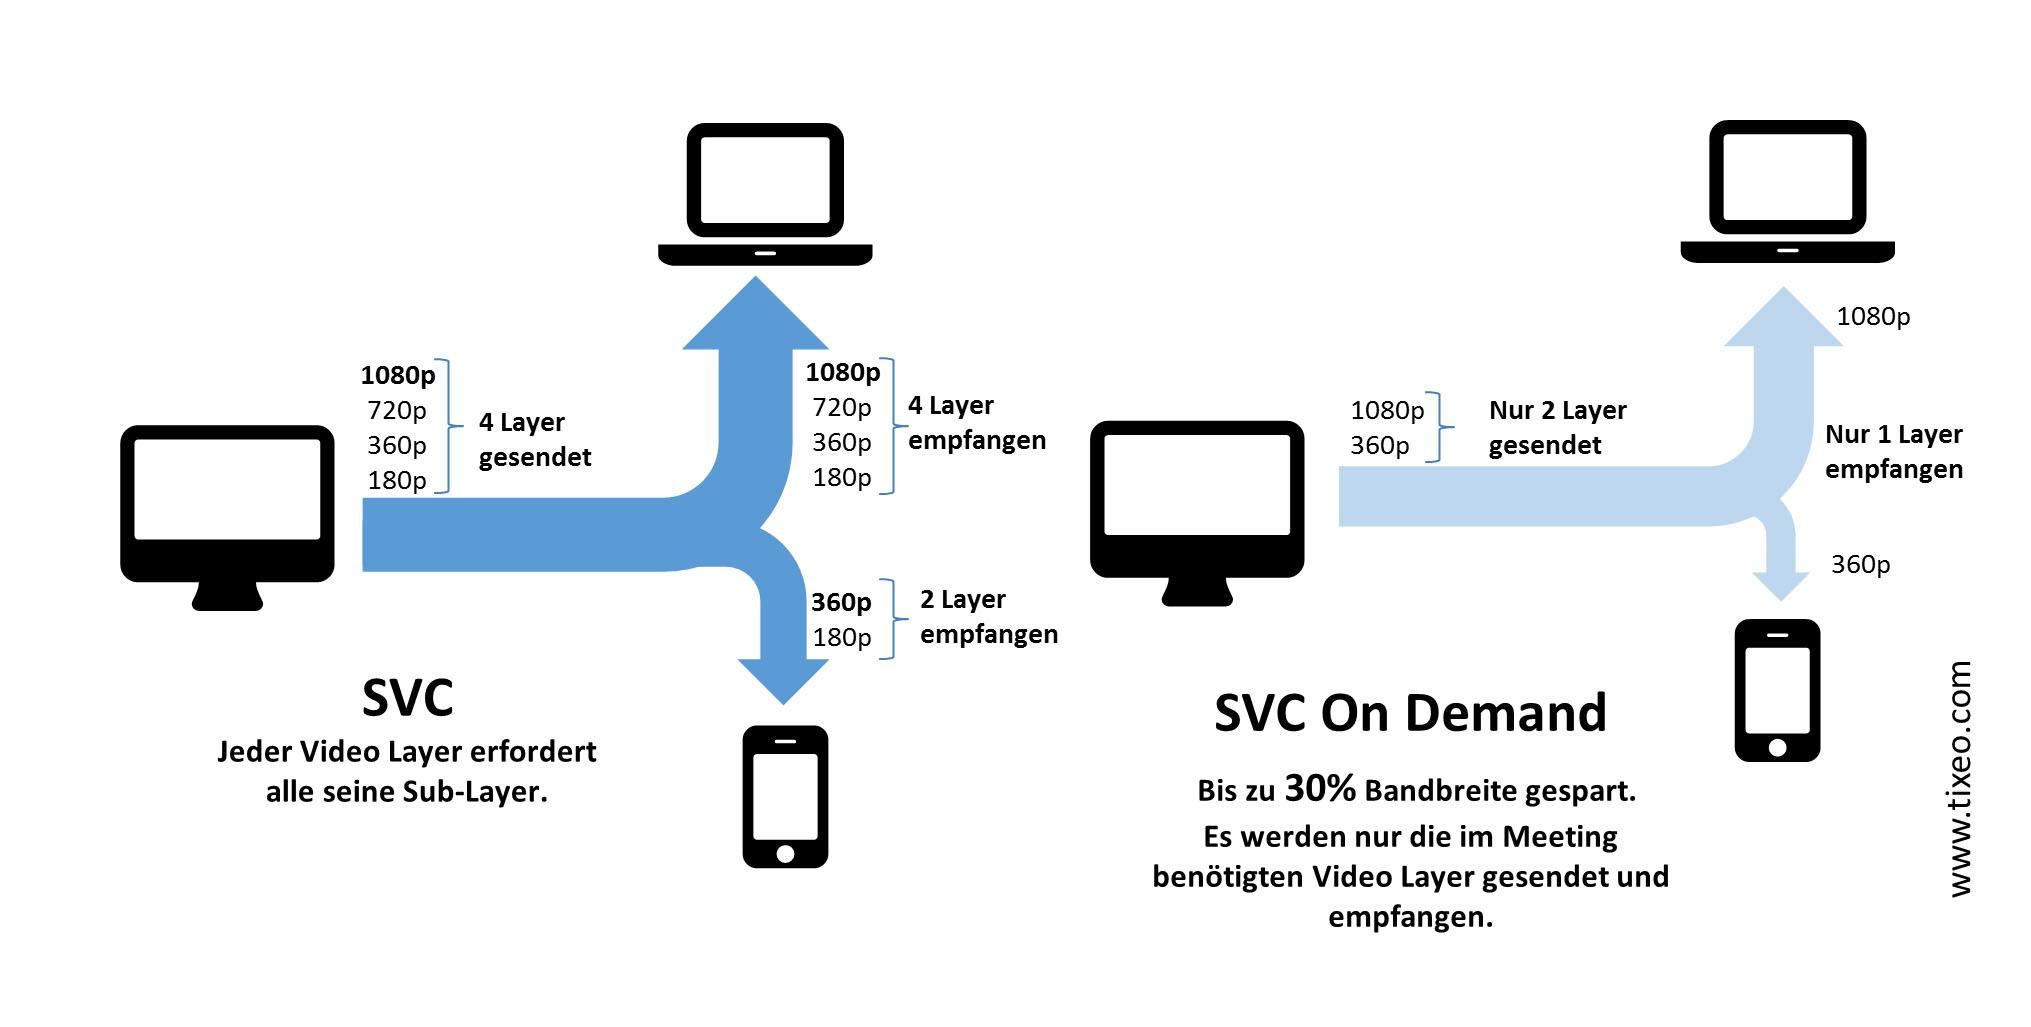 TIXEO definiert Multipoint-Videokonferenzen neu - Tixeo - Secure ...